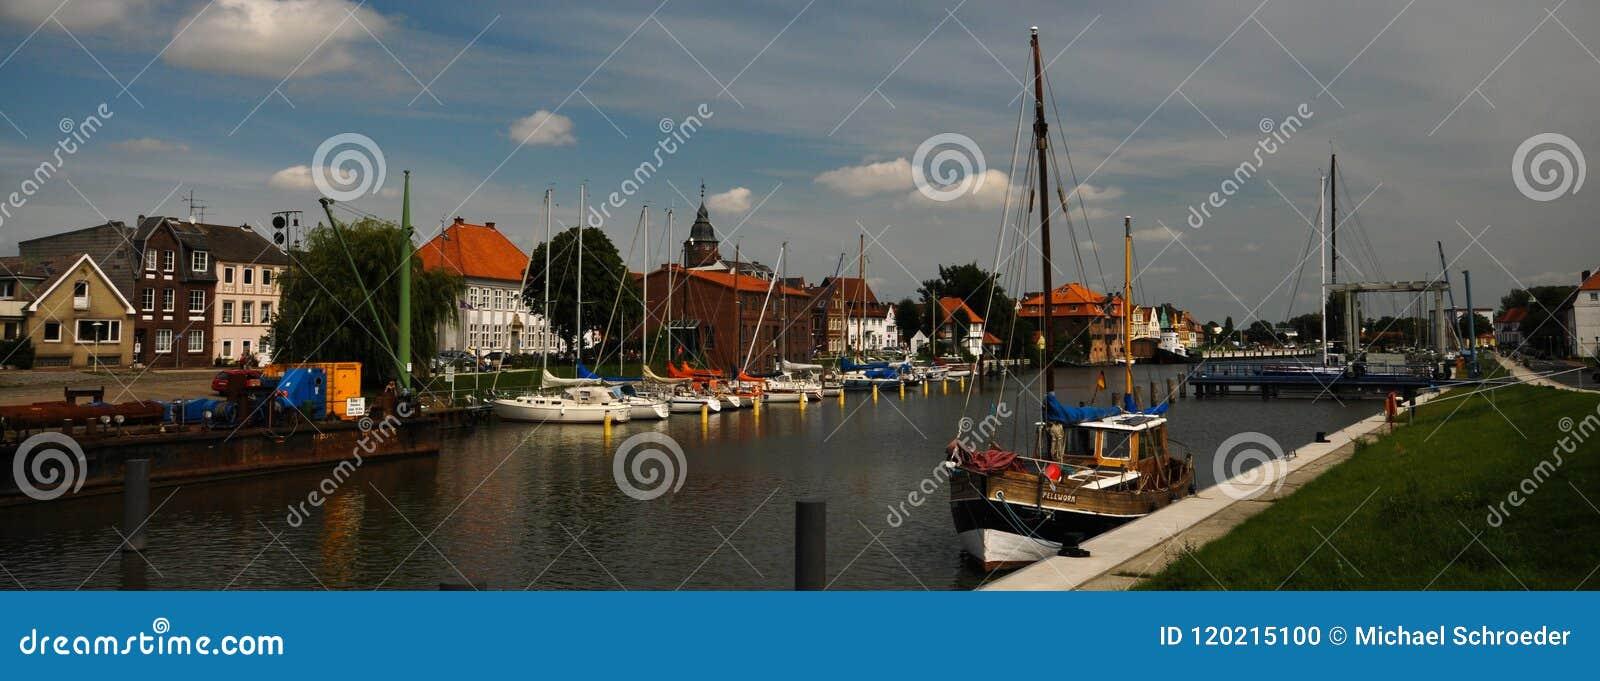 Glueckstadt germnay, porto histórico velho com embarcações velhas